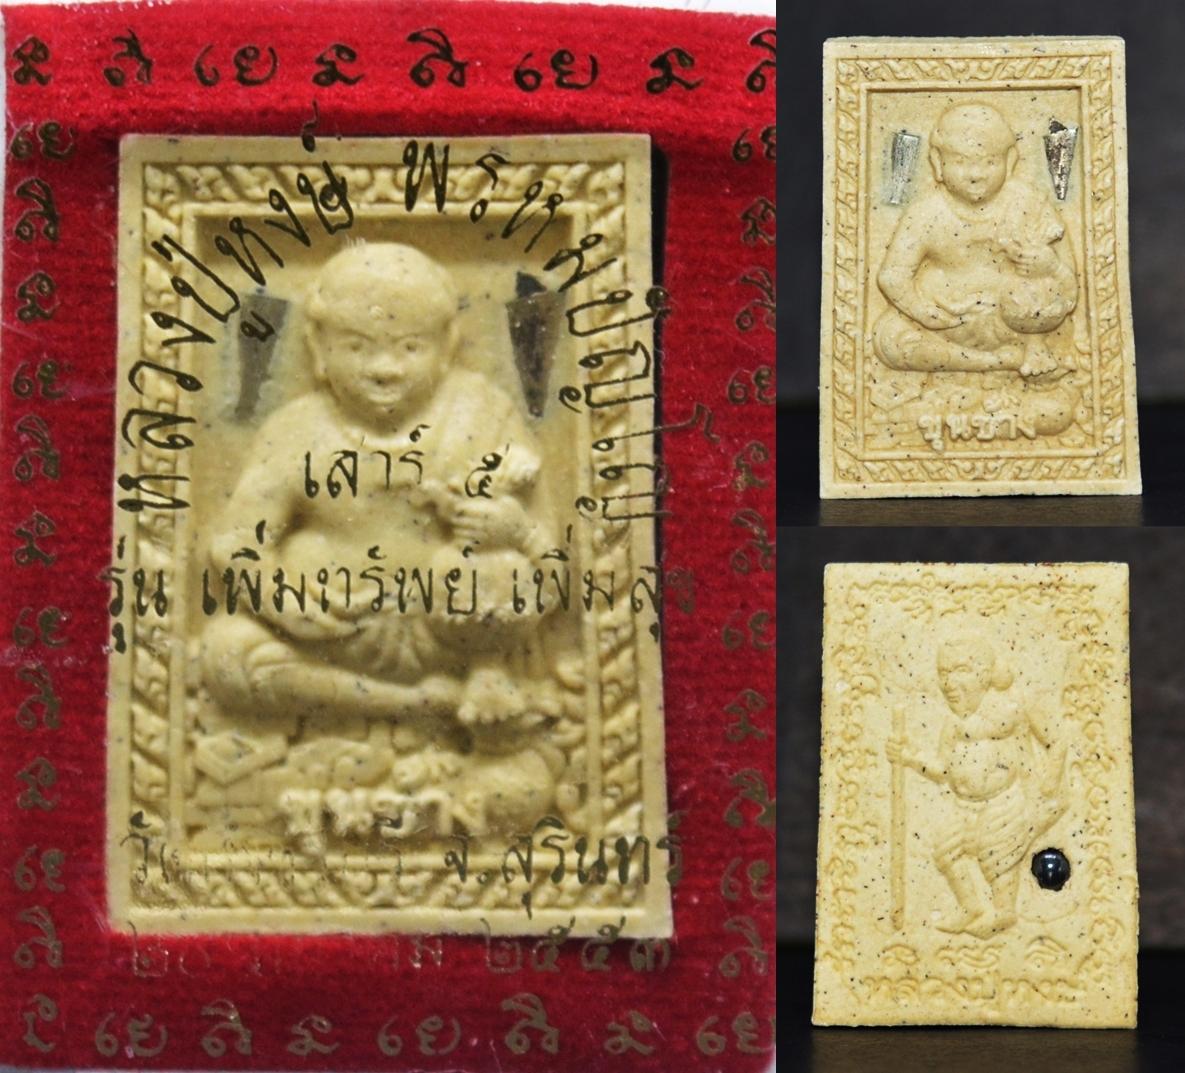 ขุนช้าง เนื้อผงพุทธคุณ รุ่นเพิ่มทรัพย์เพิ่มสุข หลวงปู่หงษ์ วัดเพชรบุรี 2553